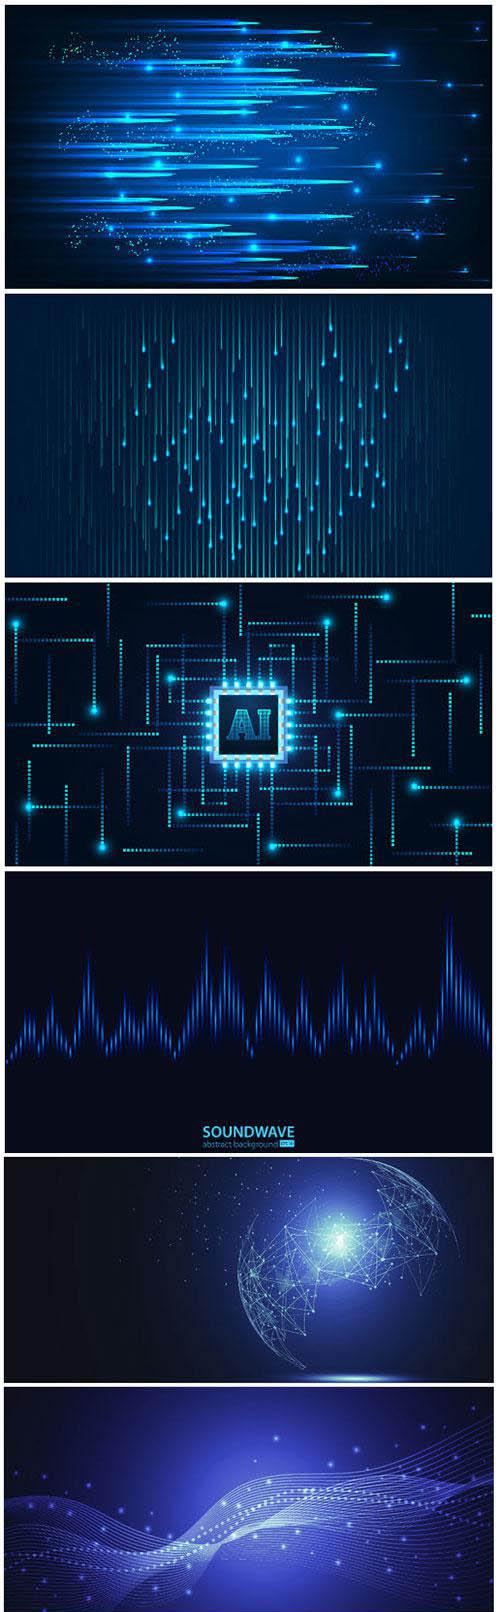 Motion waves design for business website, poster, flyer, presentation